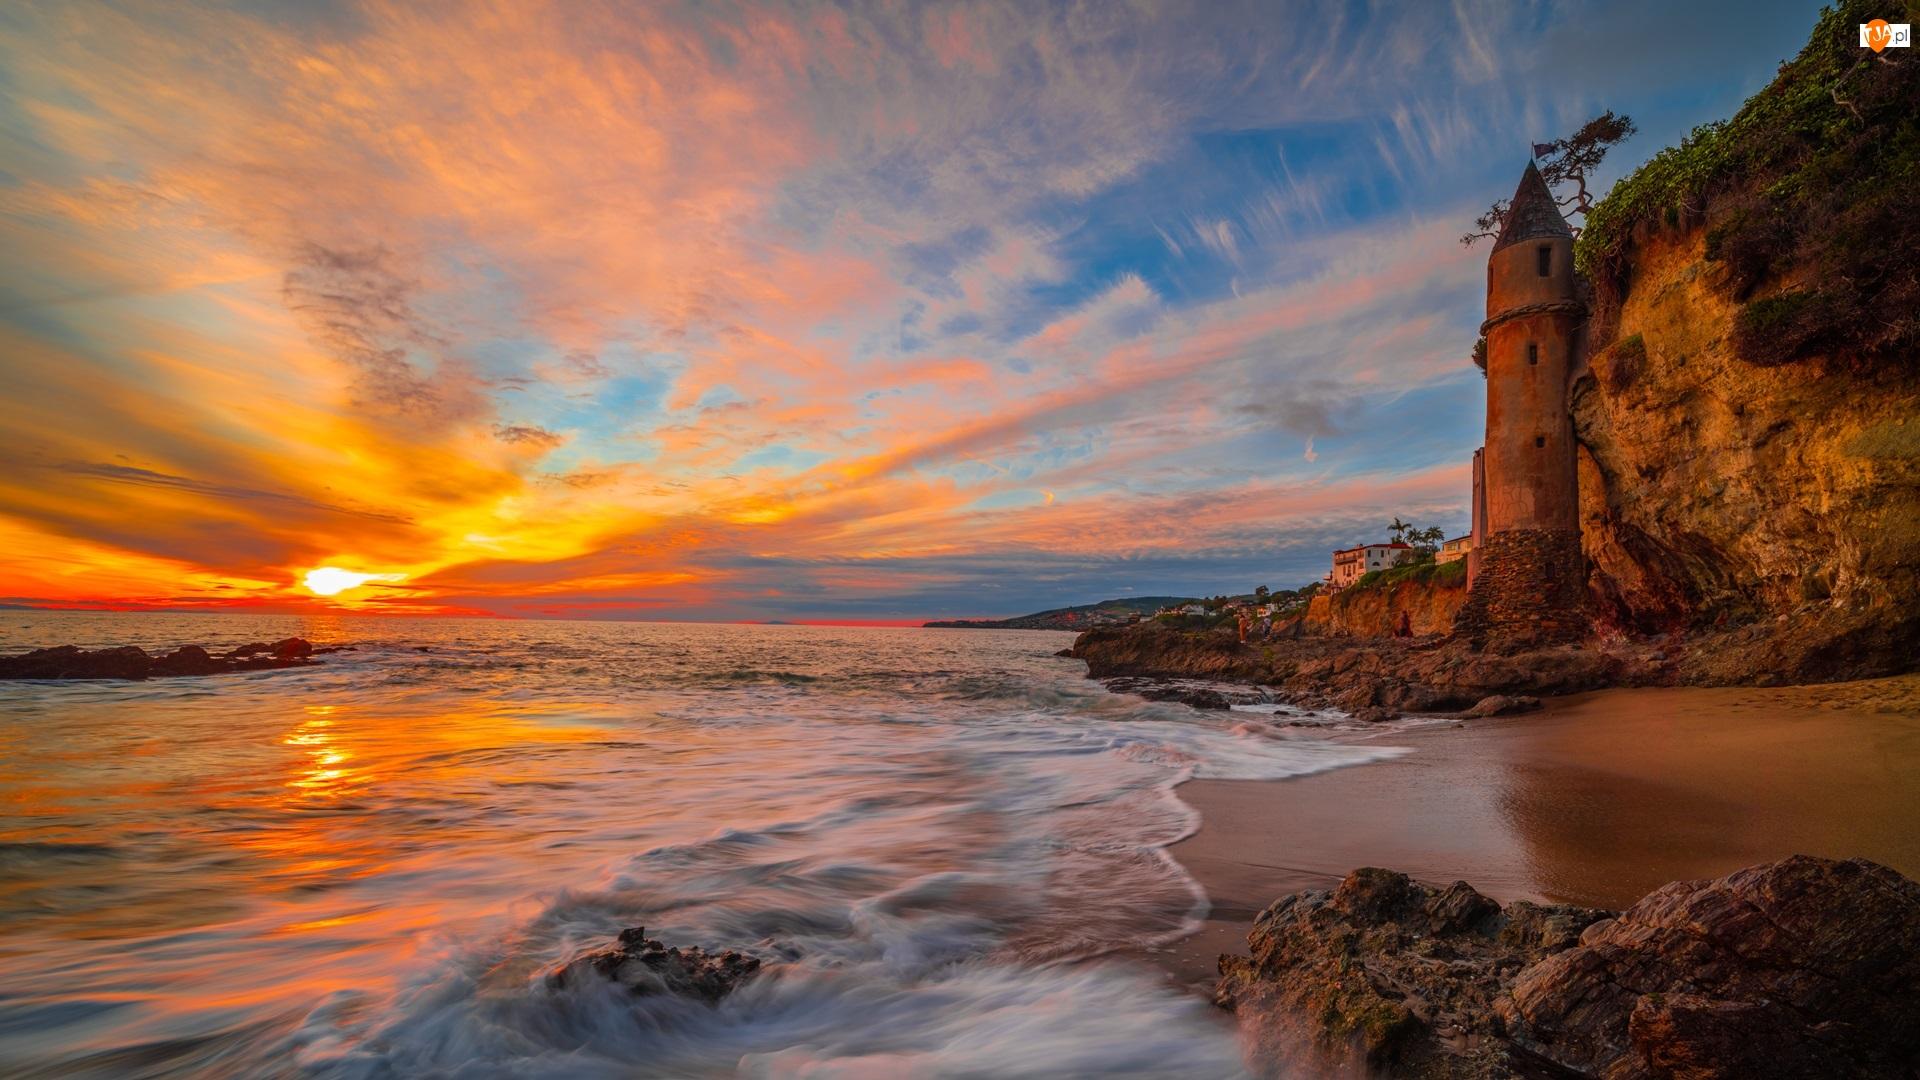 Stany Zjednoczone, Victoria Beach, Kalifornia, Skały, Zachód słońca, Wieża, La Tour, Morze, Klif